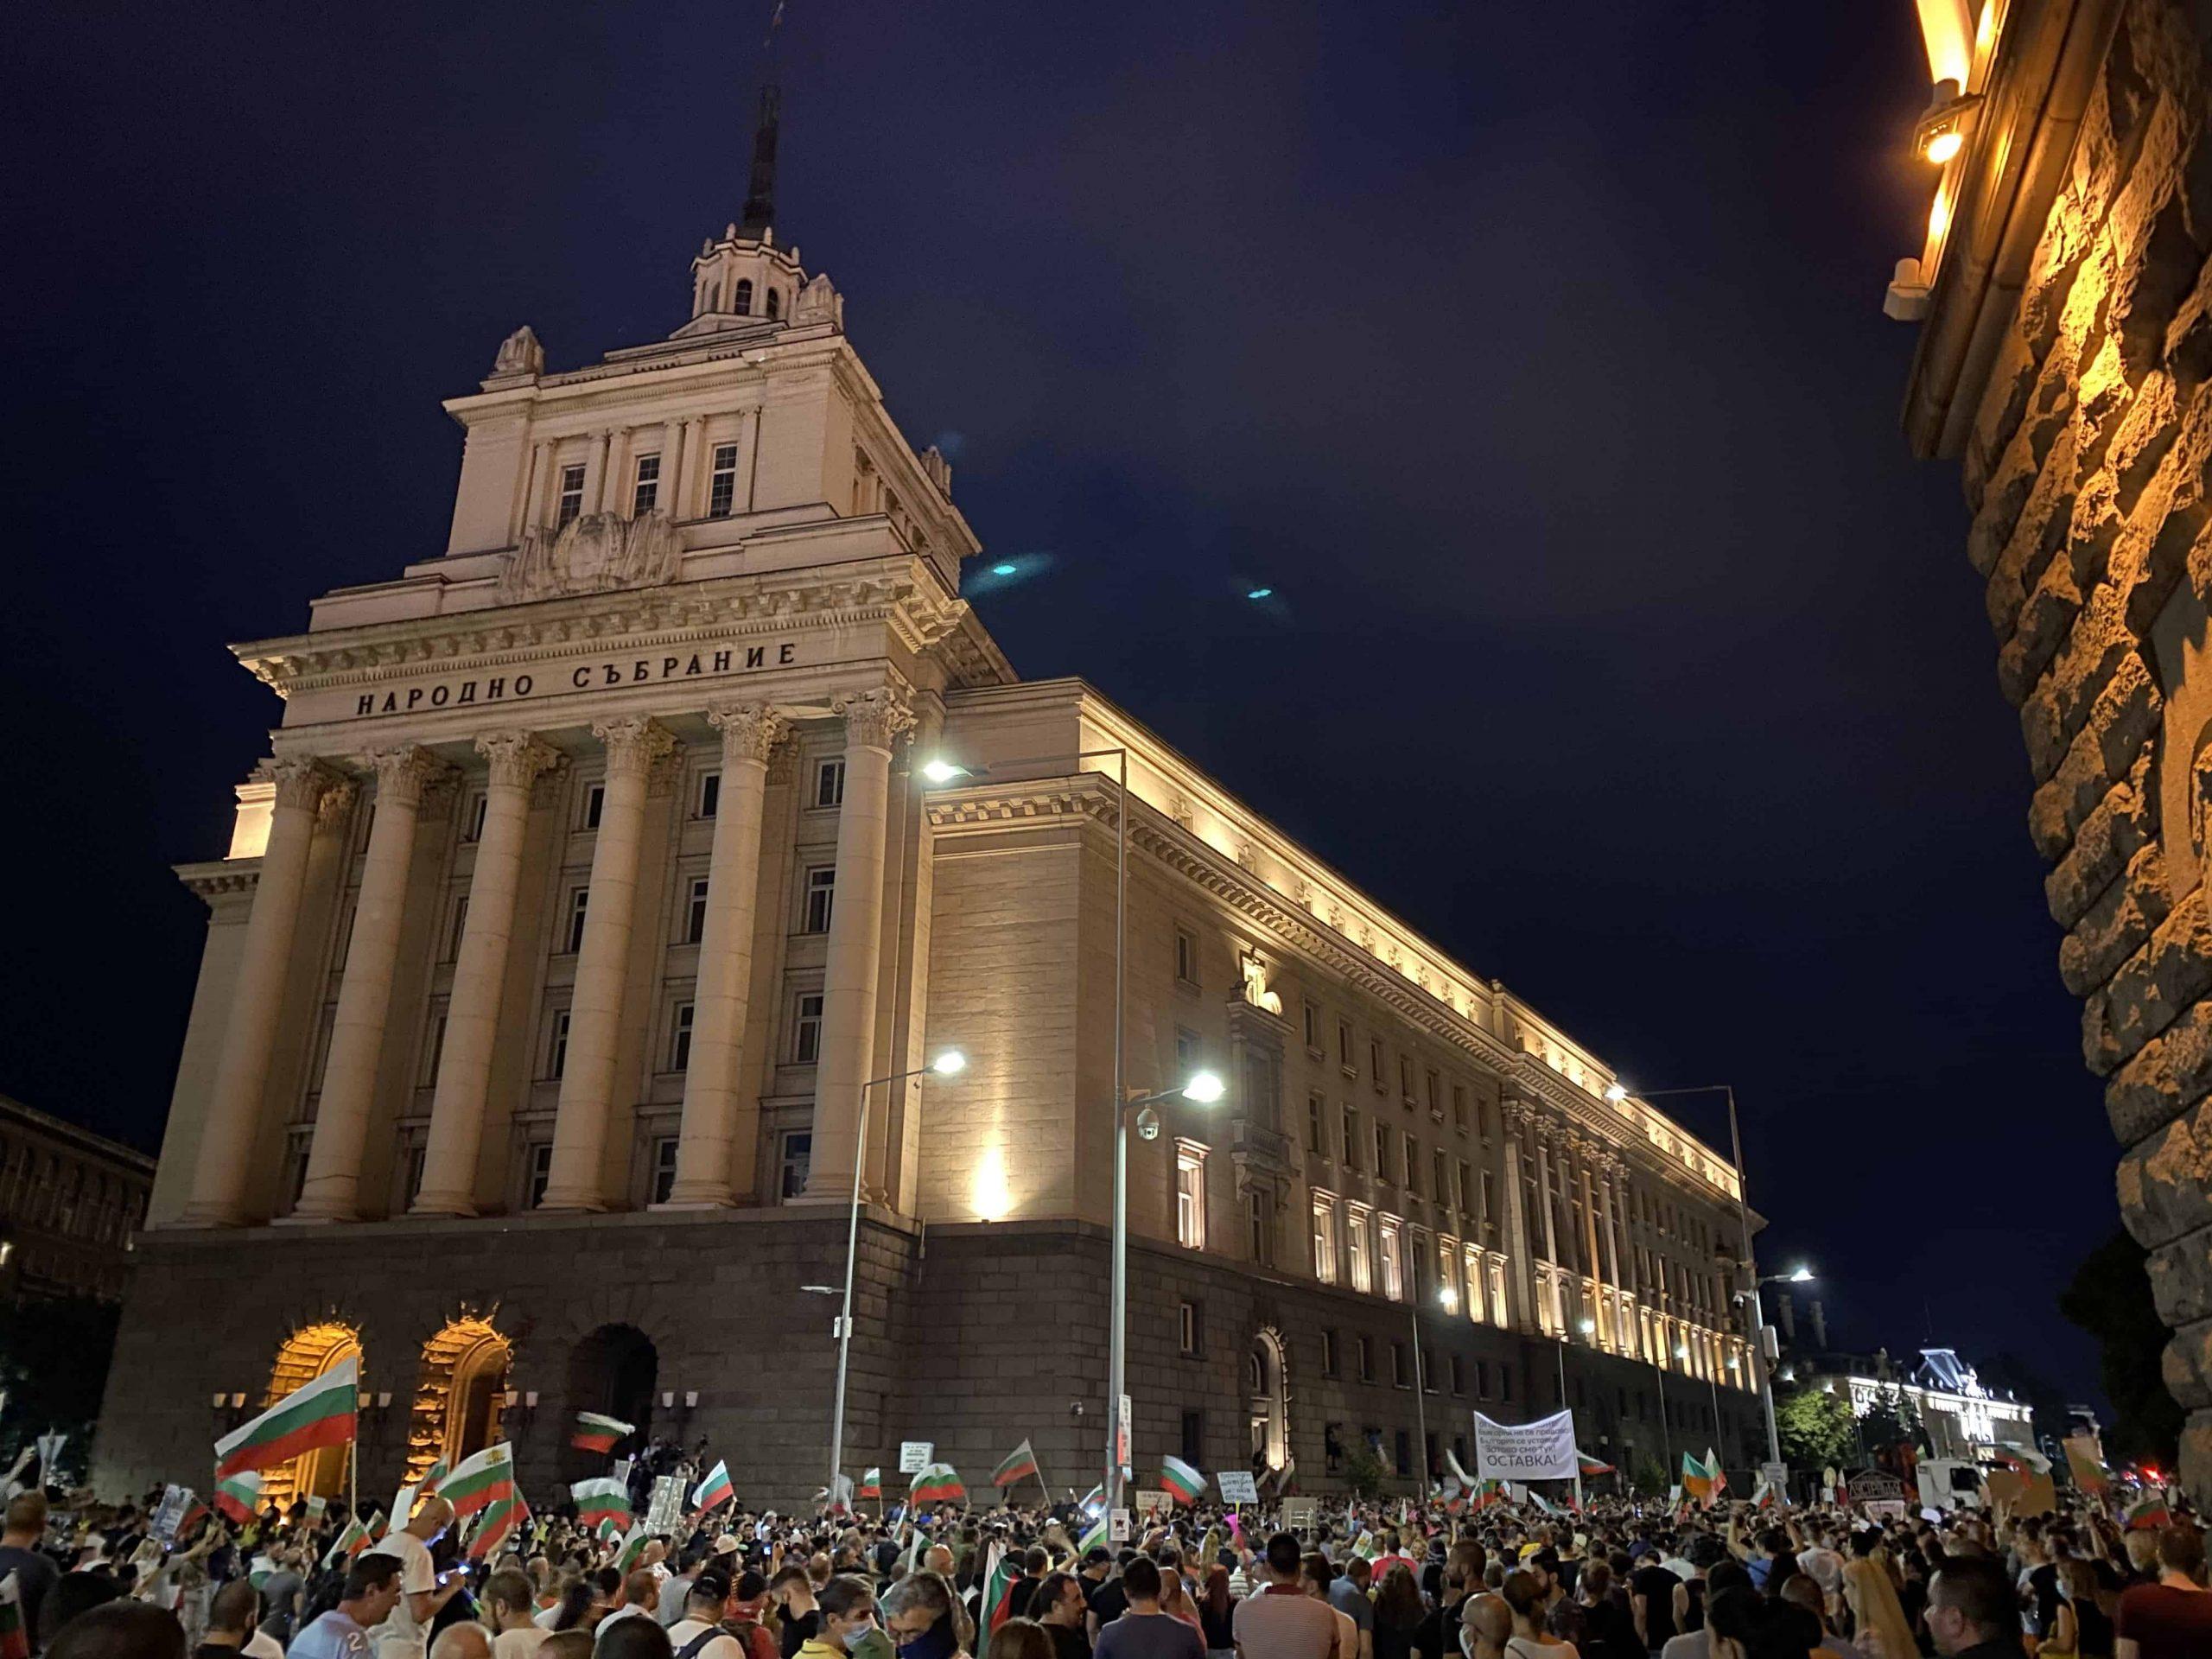 Ден 75: Няма да си тръгнем от площада, Борисов да се крие по села и паланки